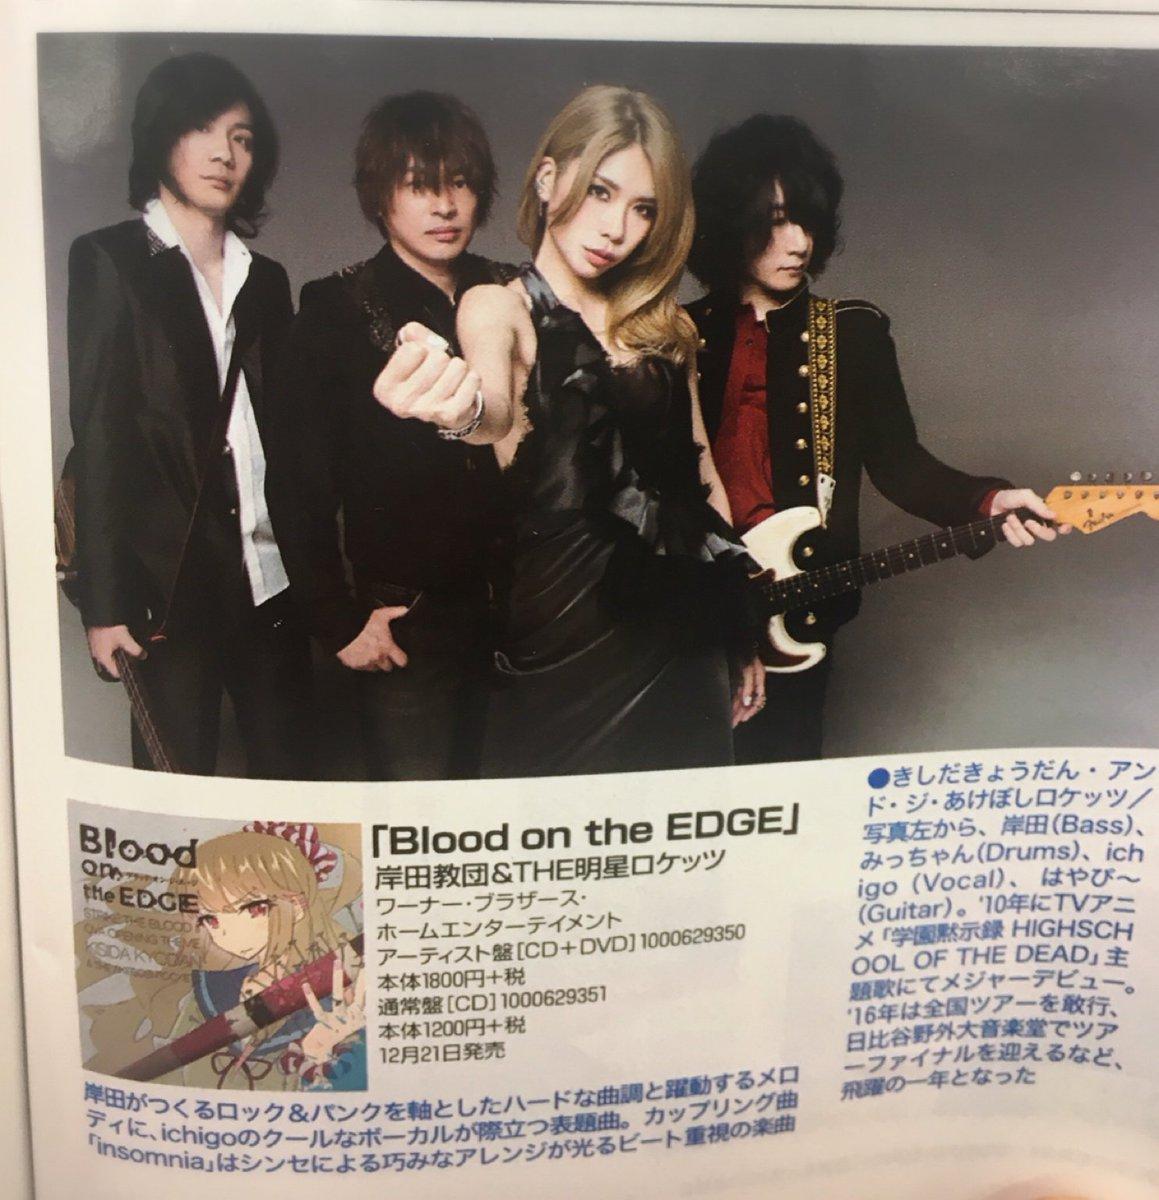 <岸田教団>Newtype 2017年1月号に岸田さんとichigoさんにインタビュー記事が掲載されています!是非チェッ